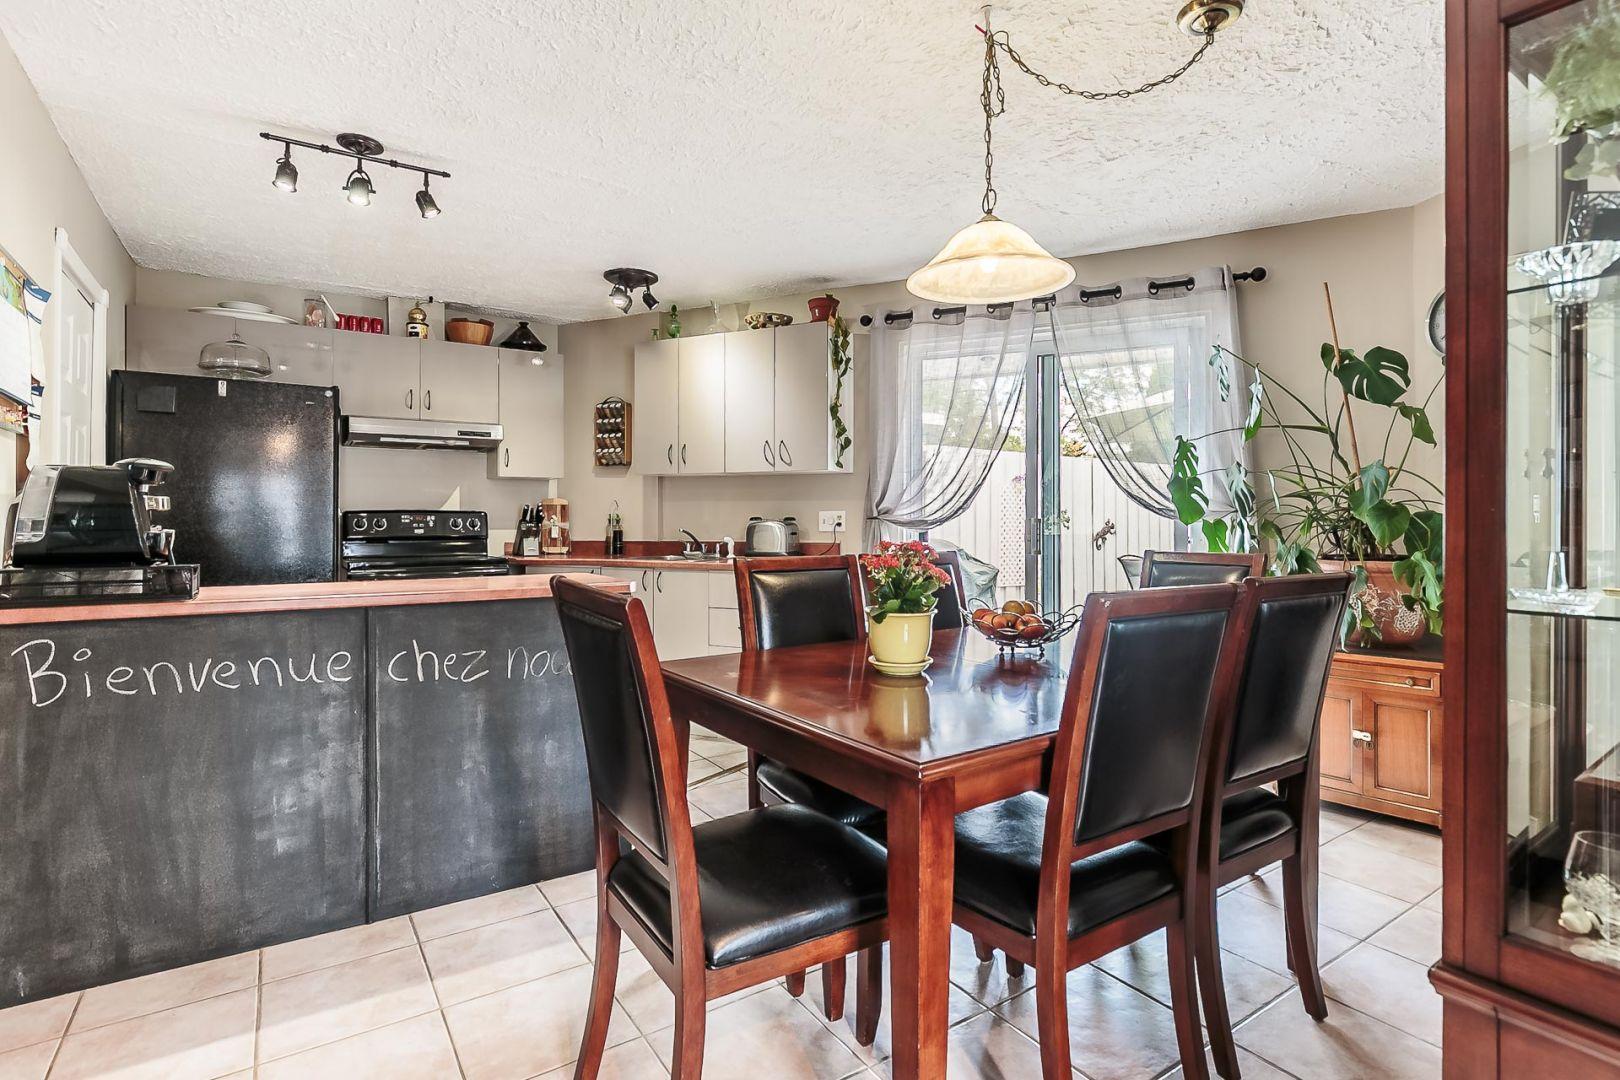 Beautiful luespace cuisine et salle manger offre beaucoup for Maison premier prix